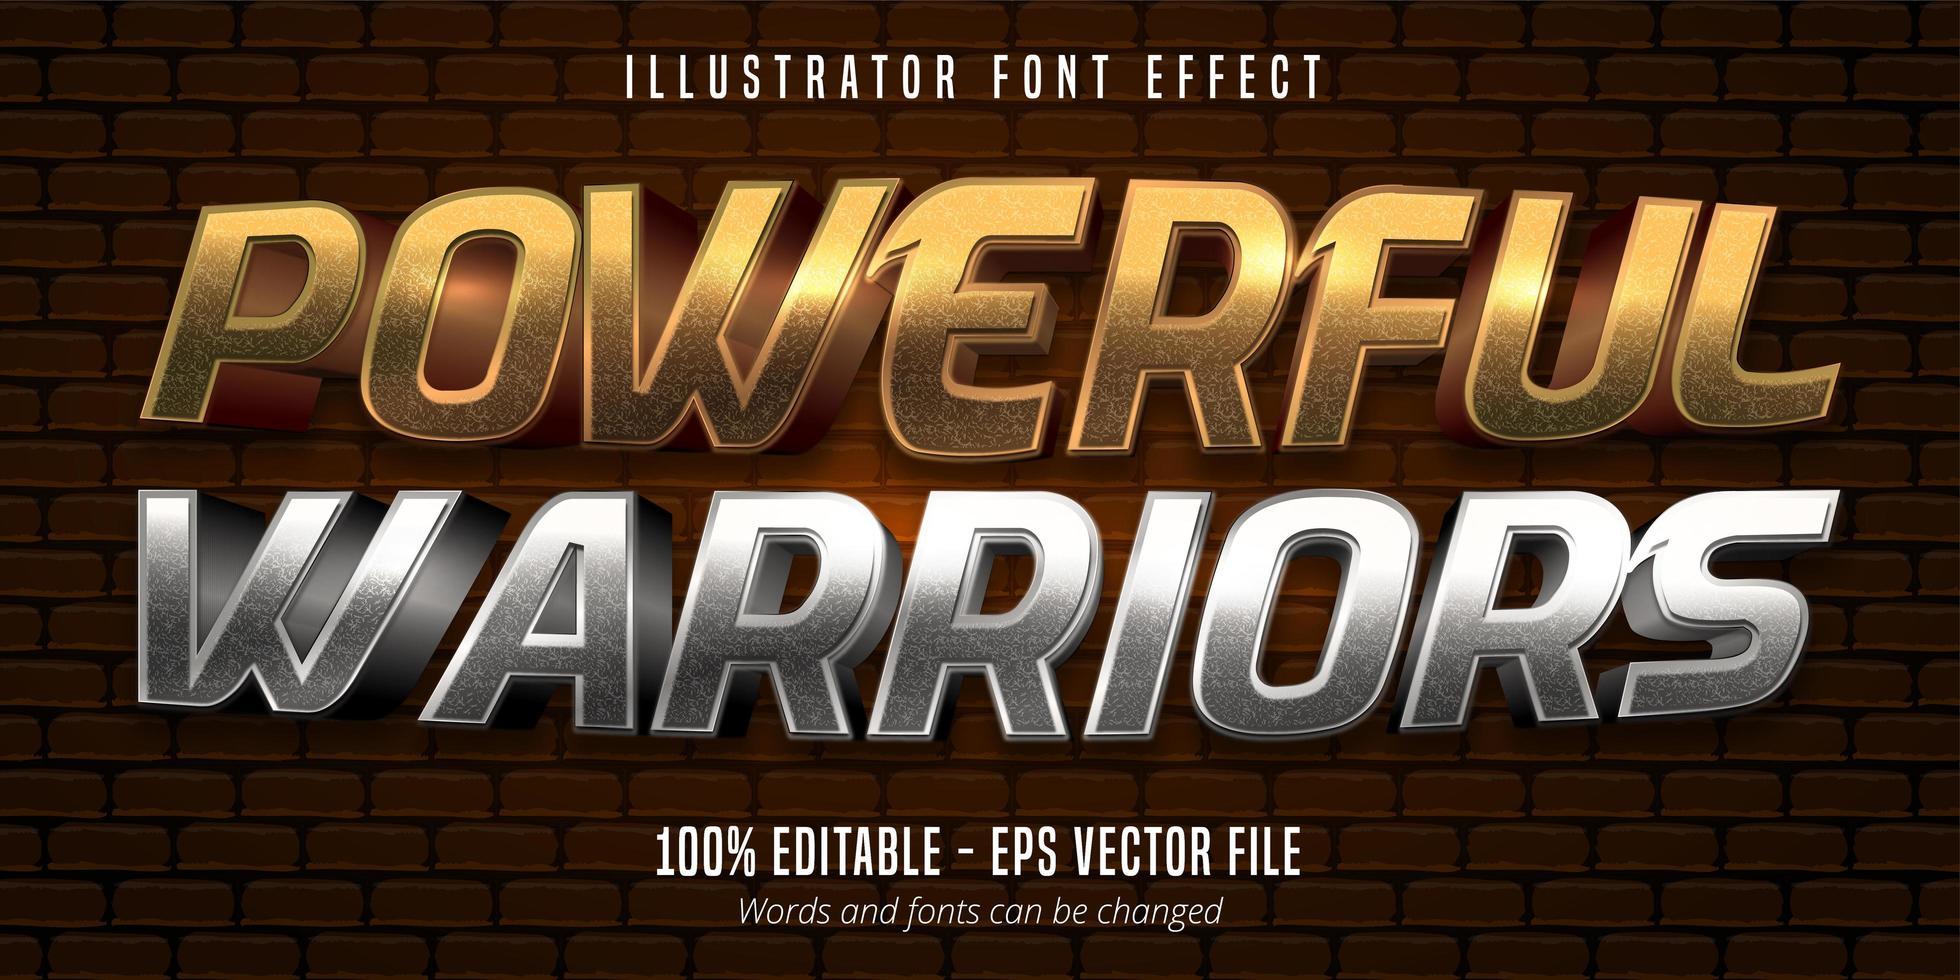 texte de guerriers puissants, effet de police modifiable de style métallique or et argent 3d vecteur